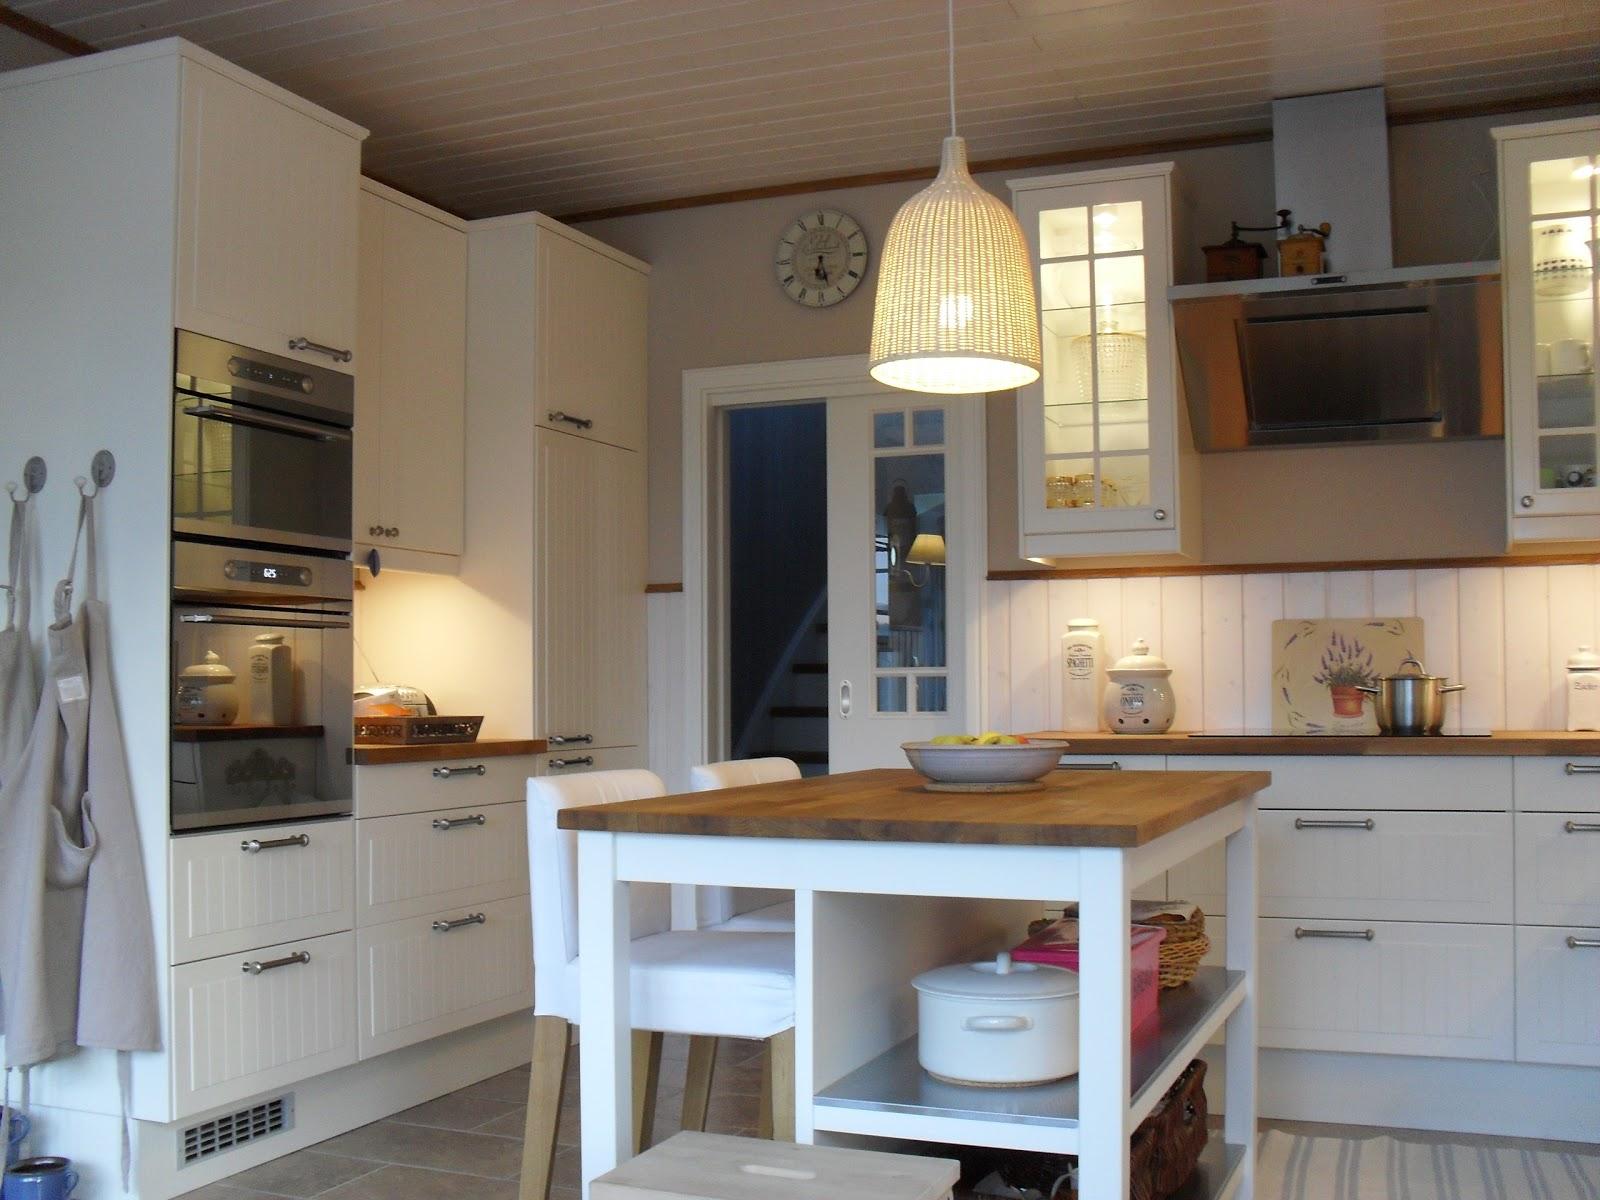 sitzecke ikea raum und m beldesign inspiration. Black Bedroom Furniture Sets. Home Design Ideas